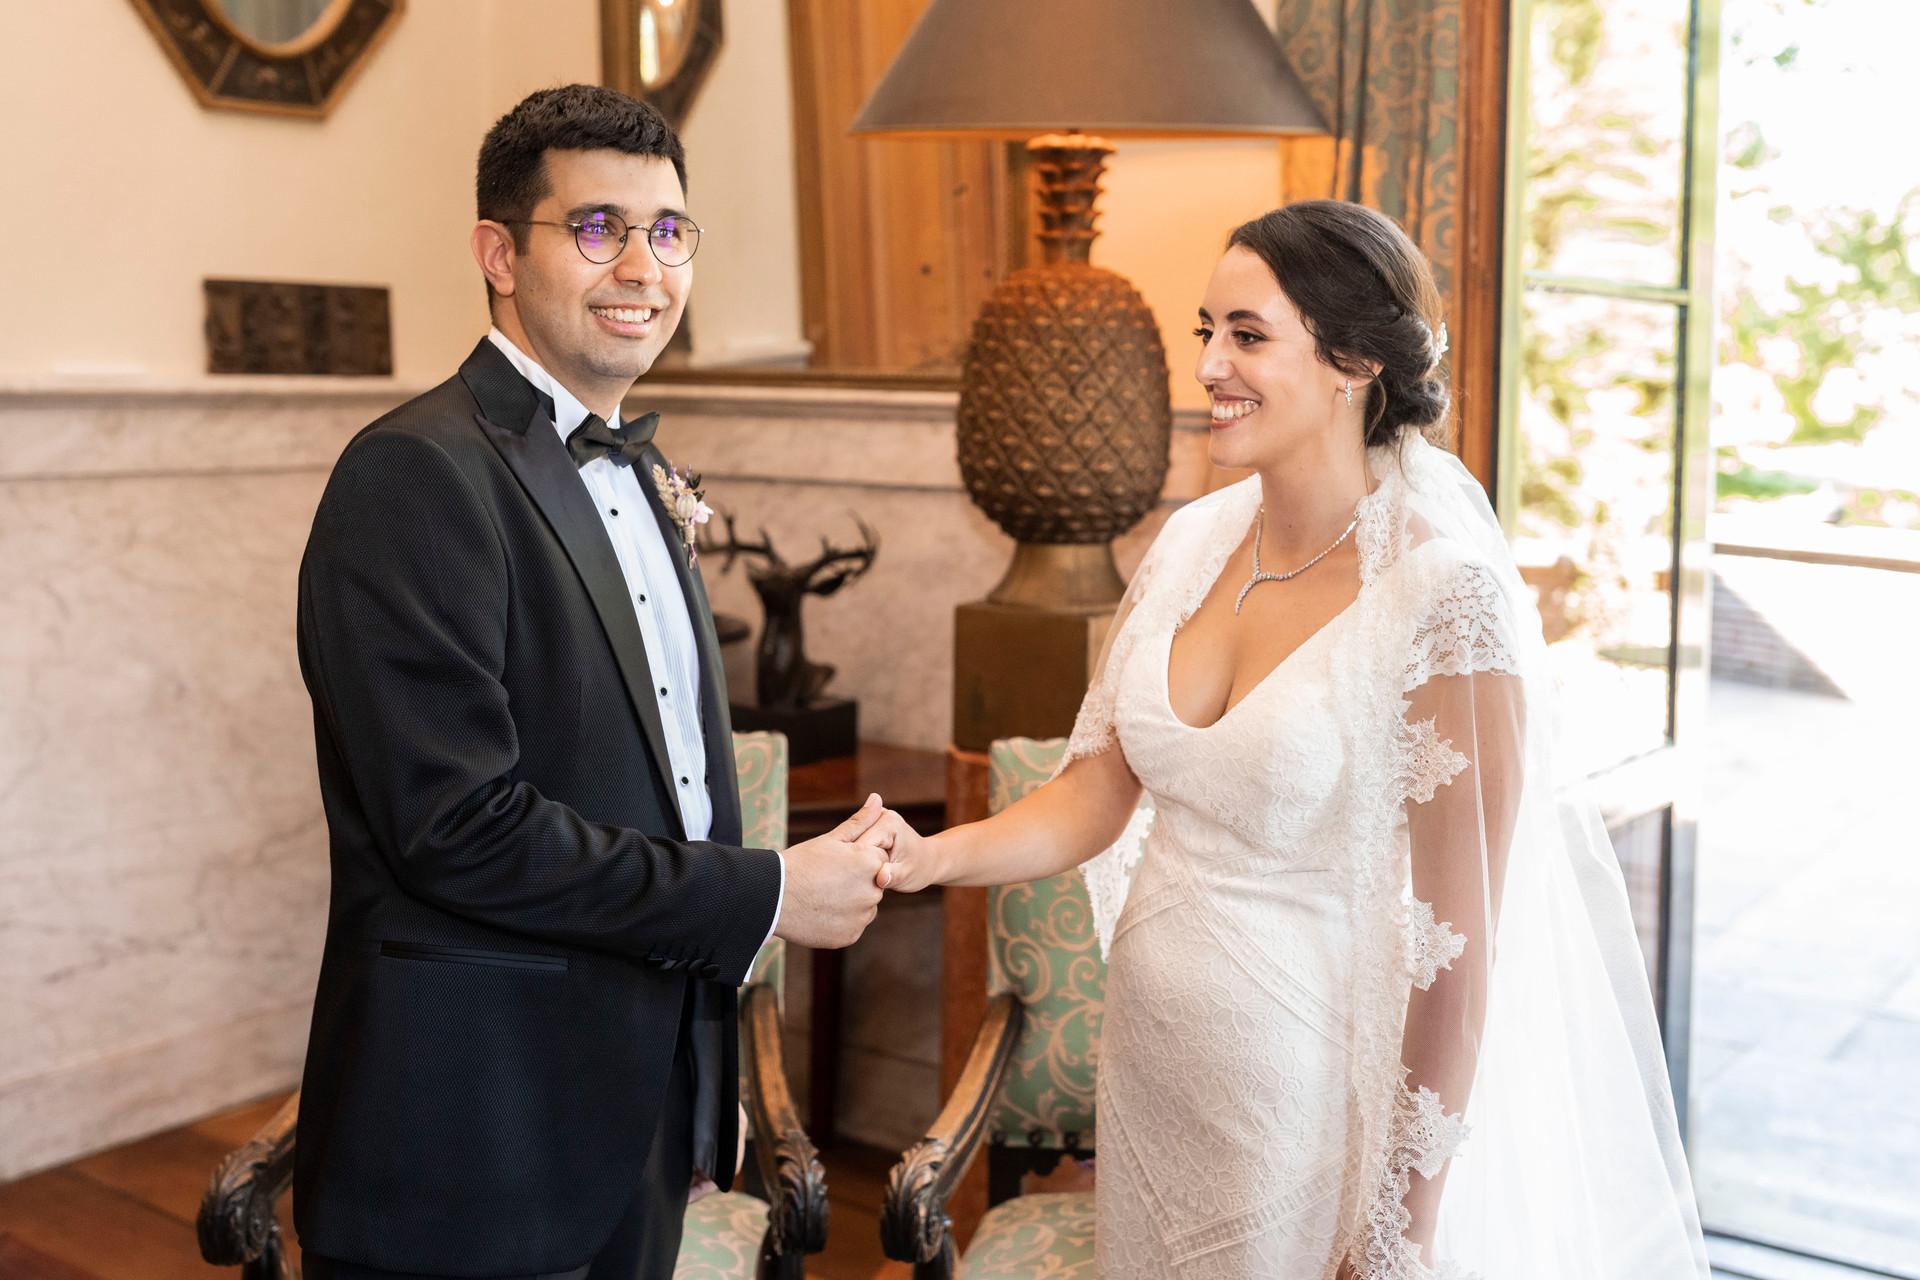 bruidsfotograaf-nurenerinc-42.jpg